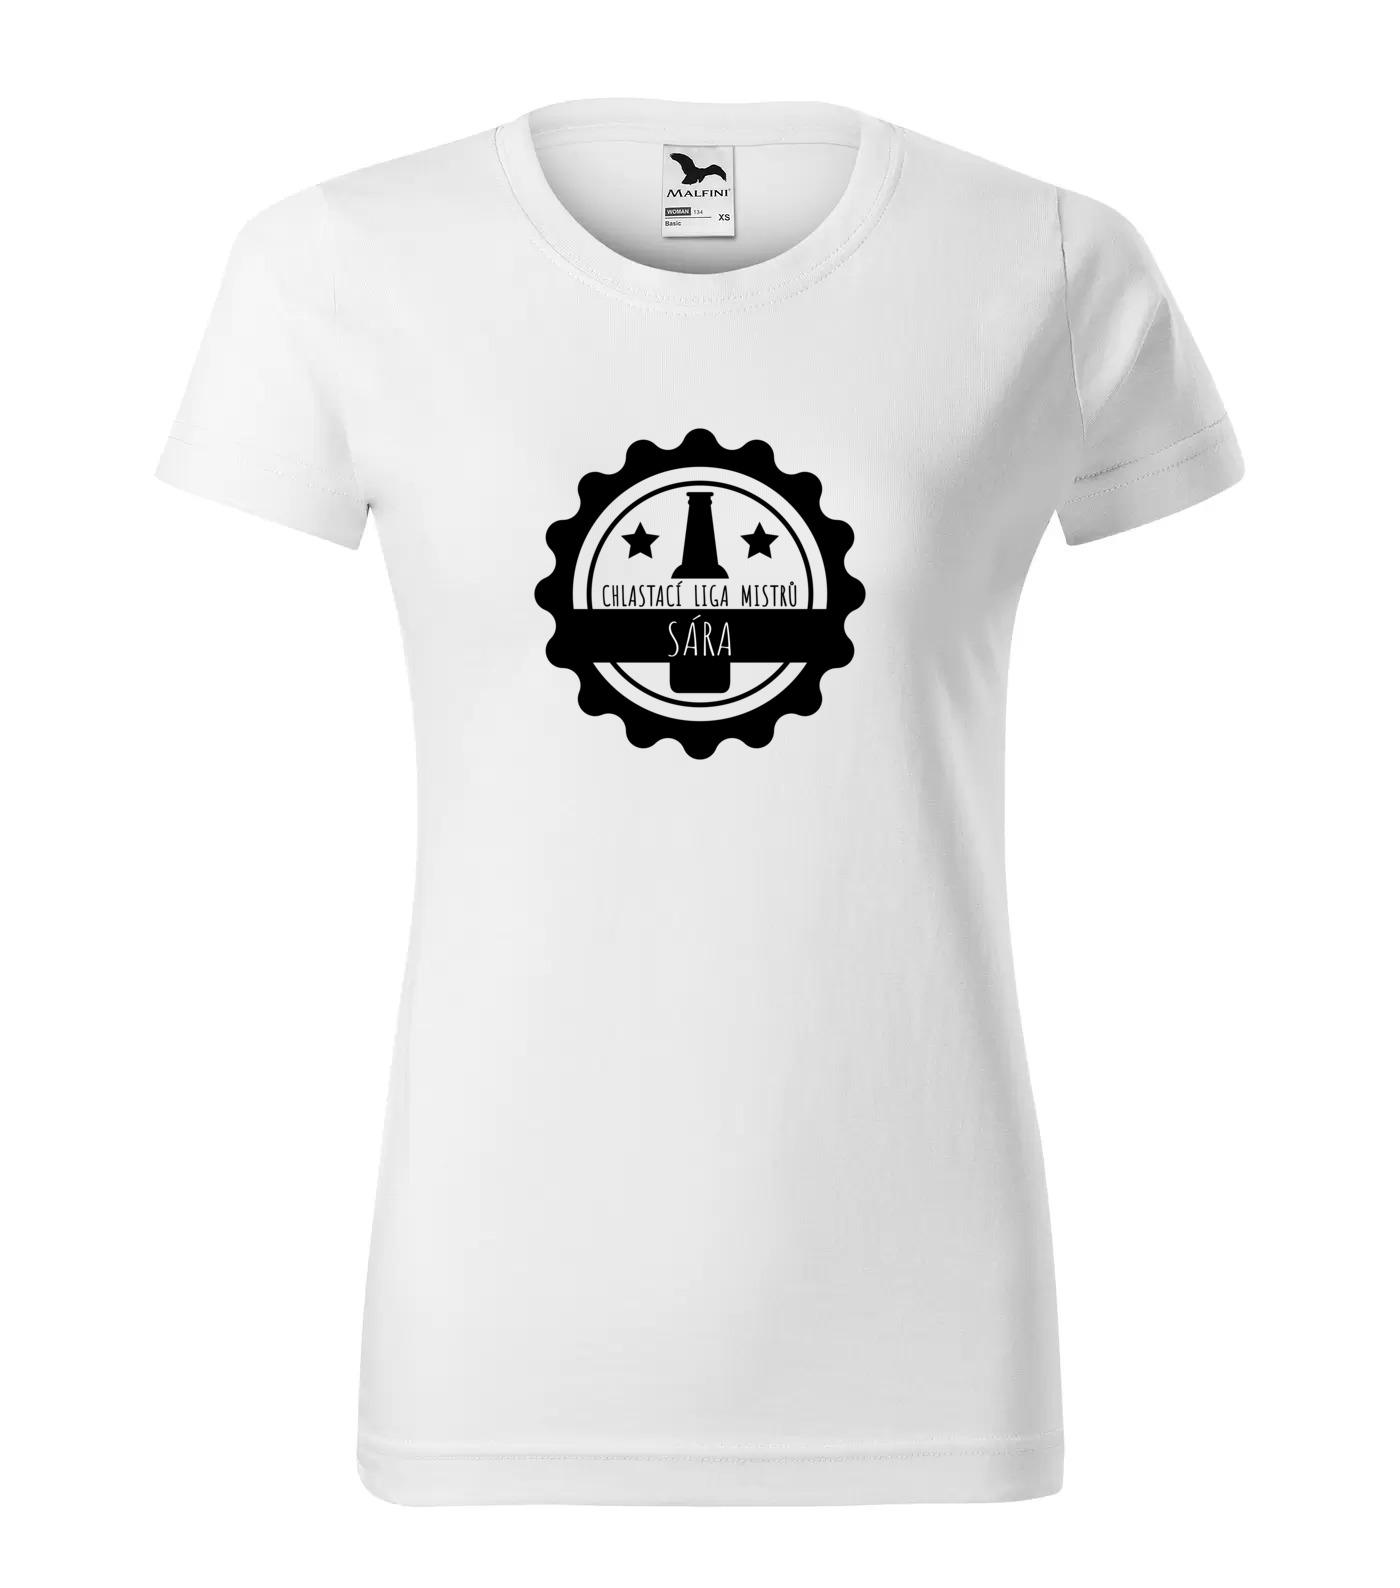 Tričko Chlastací liga žen Sára